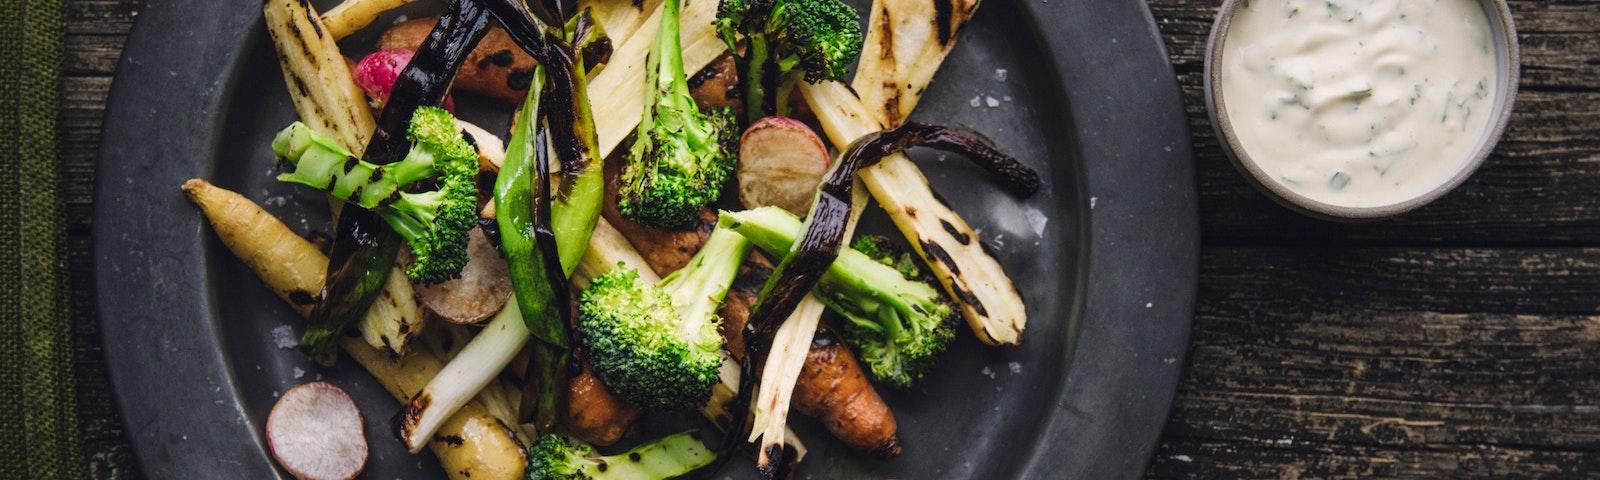 Grillade grönsaker och kall bearnaisesås